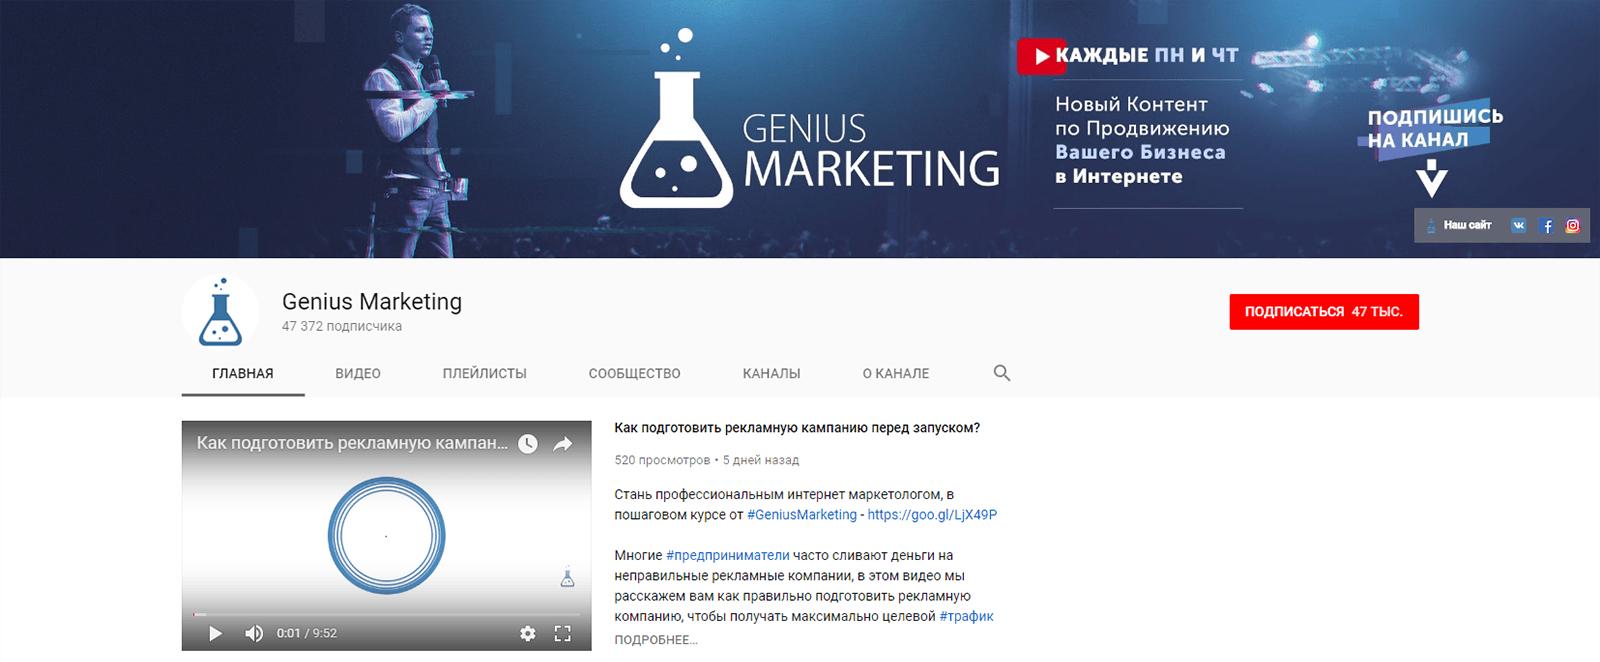 Подборка лучших YouTube-каналов по арбитражу, которые научат лить в плюс